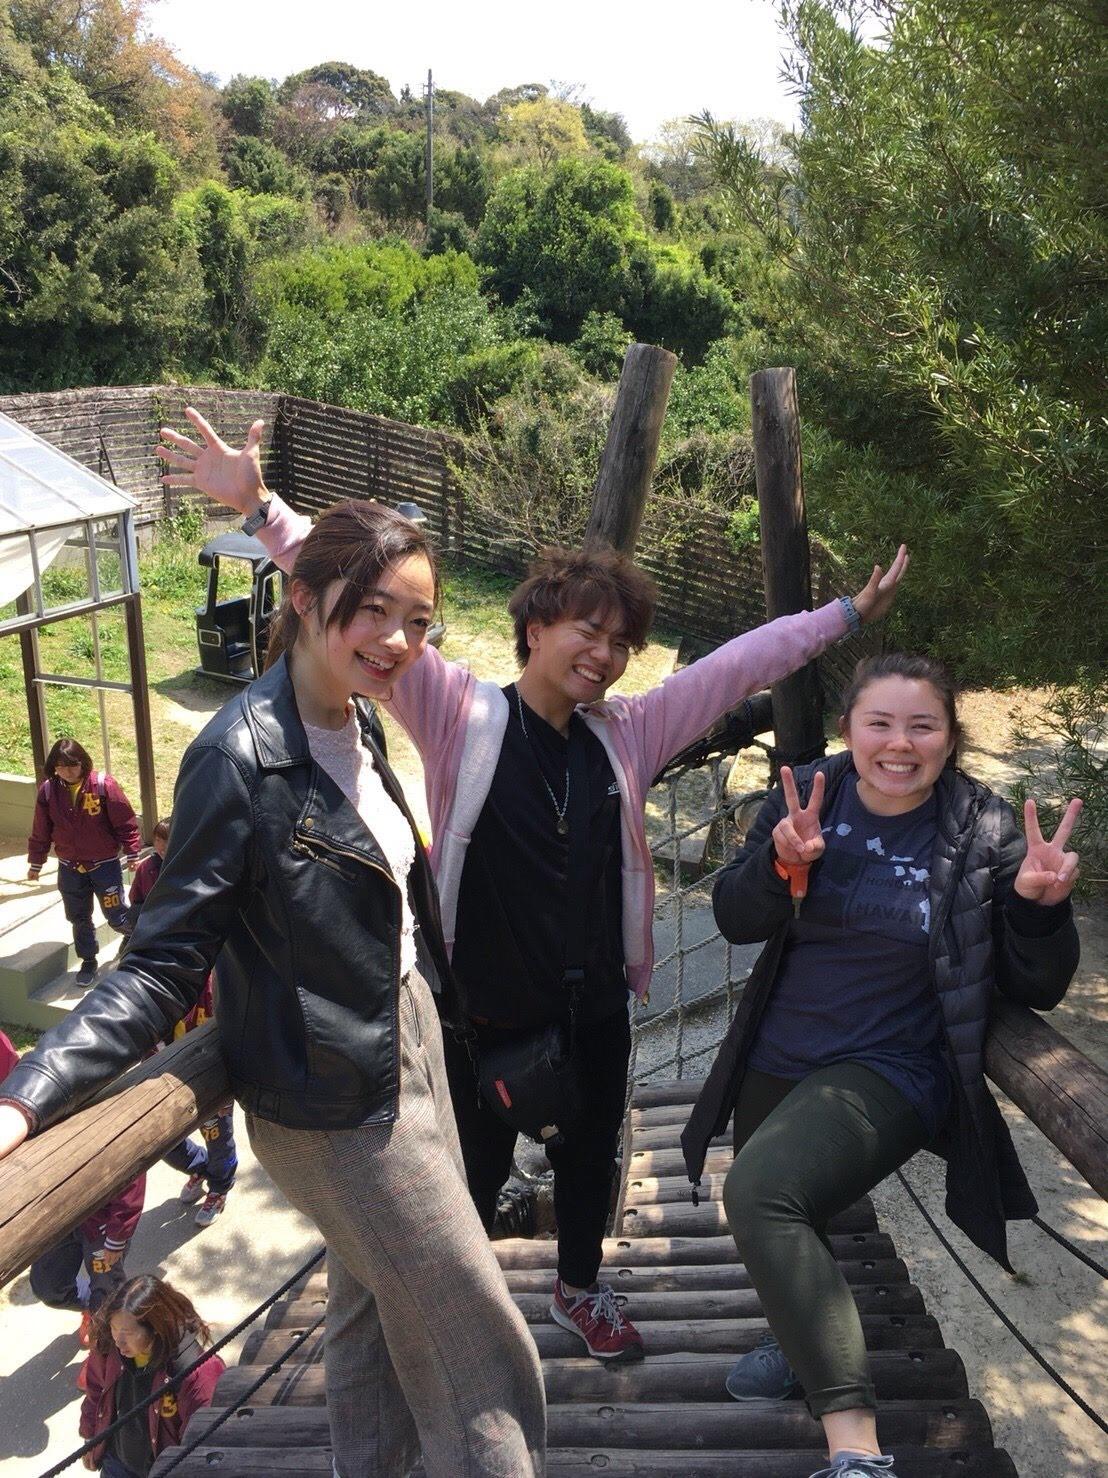 留学生とシェアハウスをしていて、そこで出会った友達と遊びに行った写真